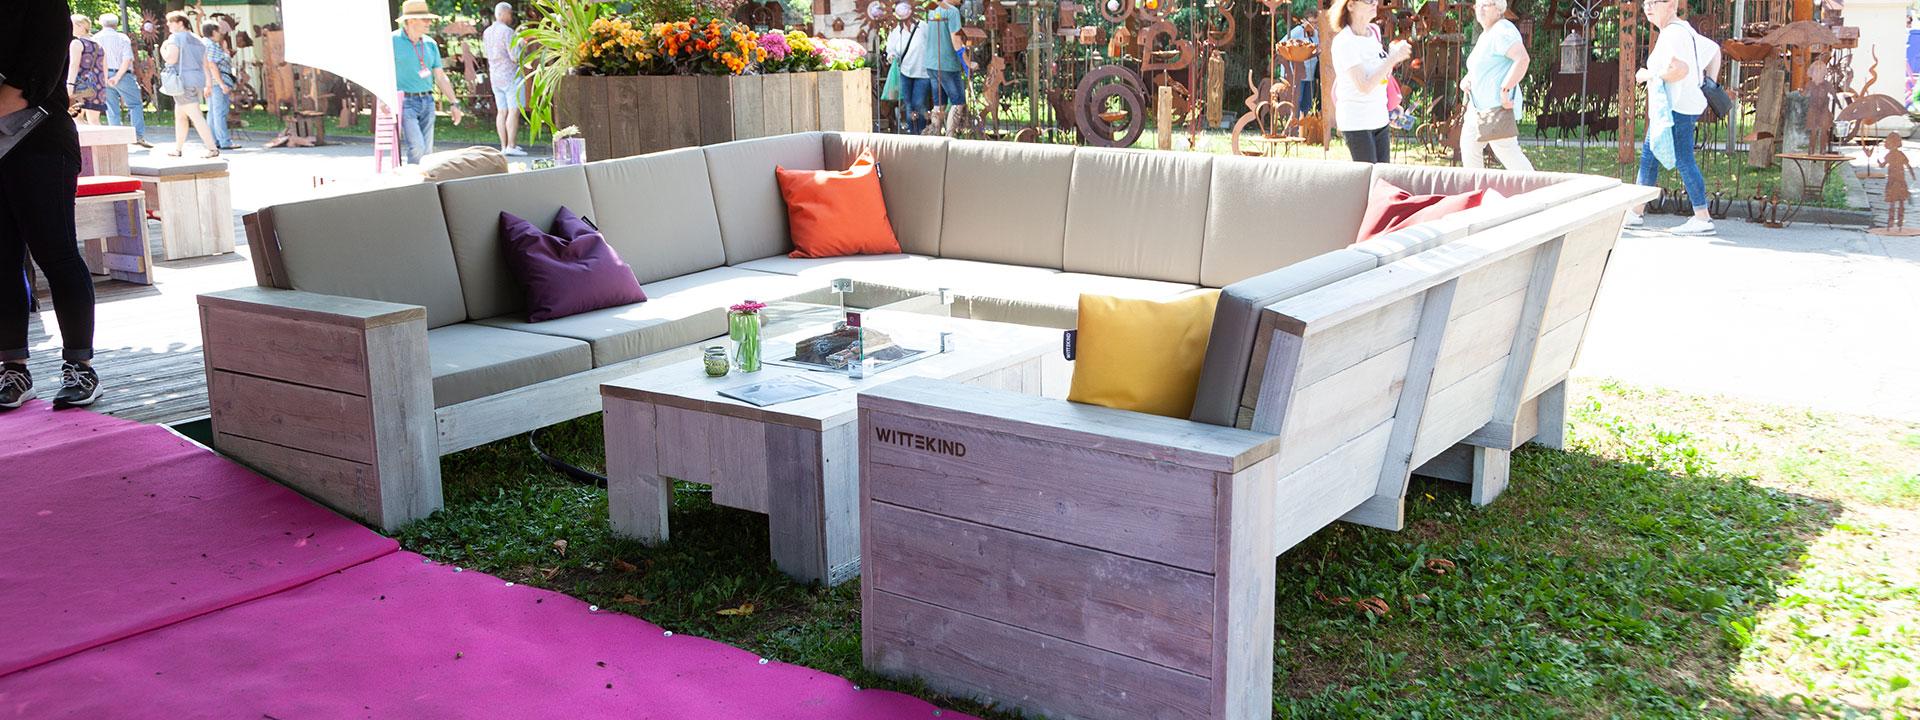 Full Size of Platz Fr Alle Das Lounge Sofa U Form Xxl Ausklappbares Bett Einbauküche Ohne Kühlschrank Pendelleuchte Wohnzimmer Regal Buche Auf Raten überzug Moderne Sofa Xxl Sofa U Form